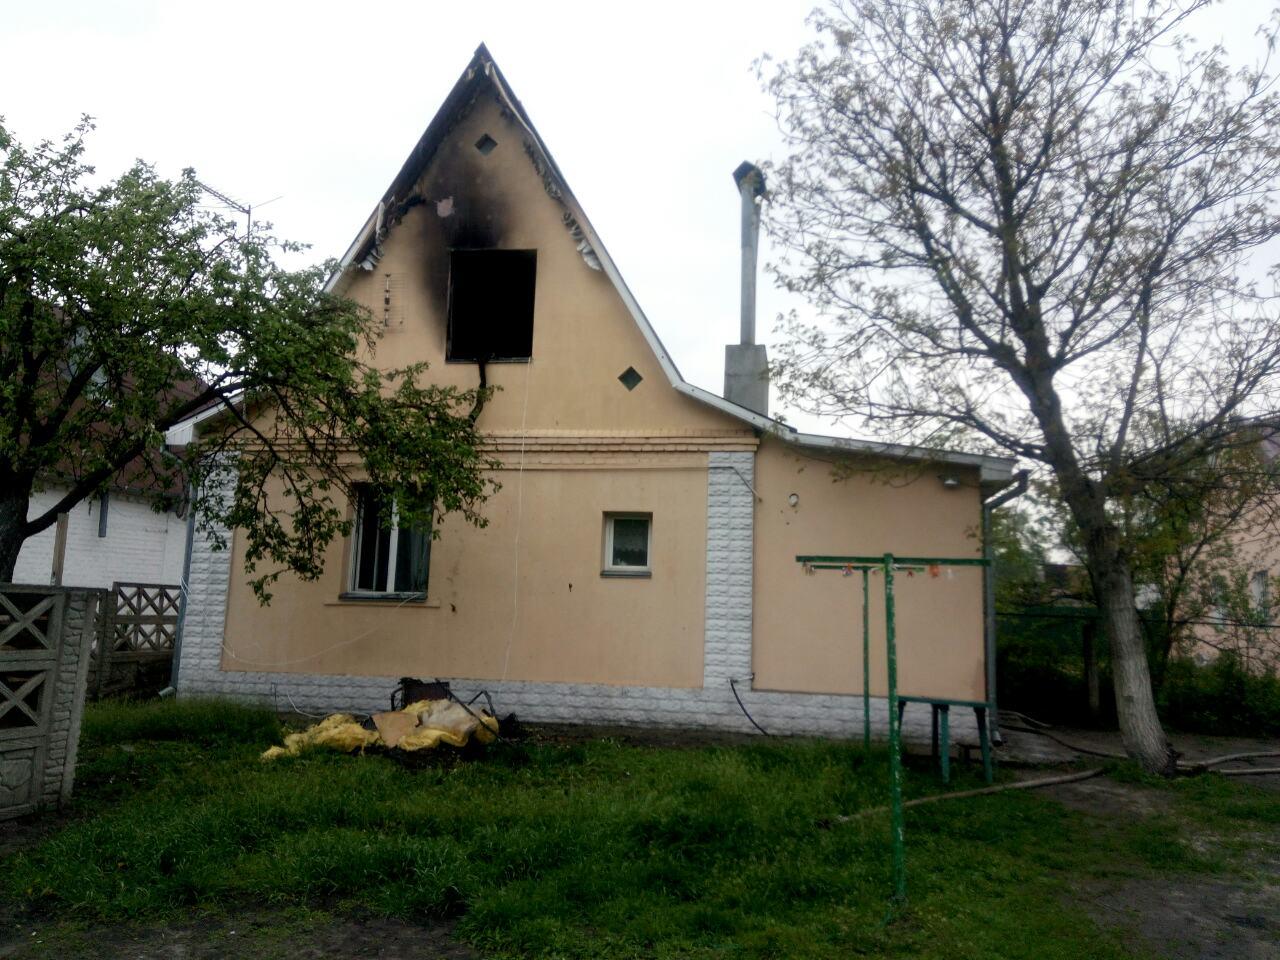 Смерть дитини: в Ірпені унаслідок пожежі загинула 5-річна дівчинка з особливими потребами - рятувальники, Приірпіння, пожежа, київщина, ірпінь - Smert dyt